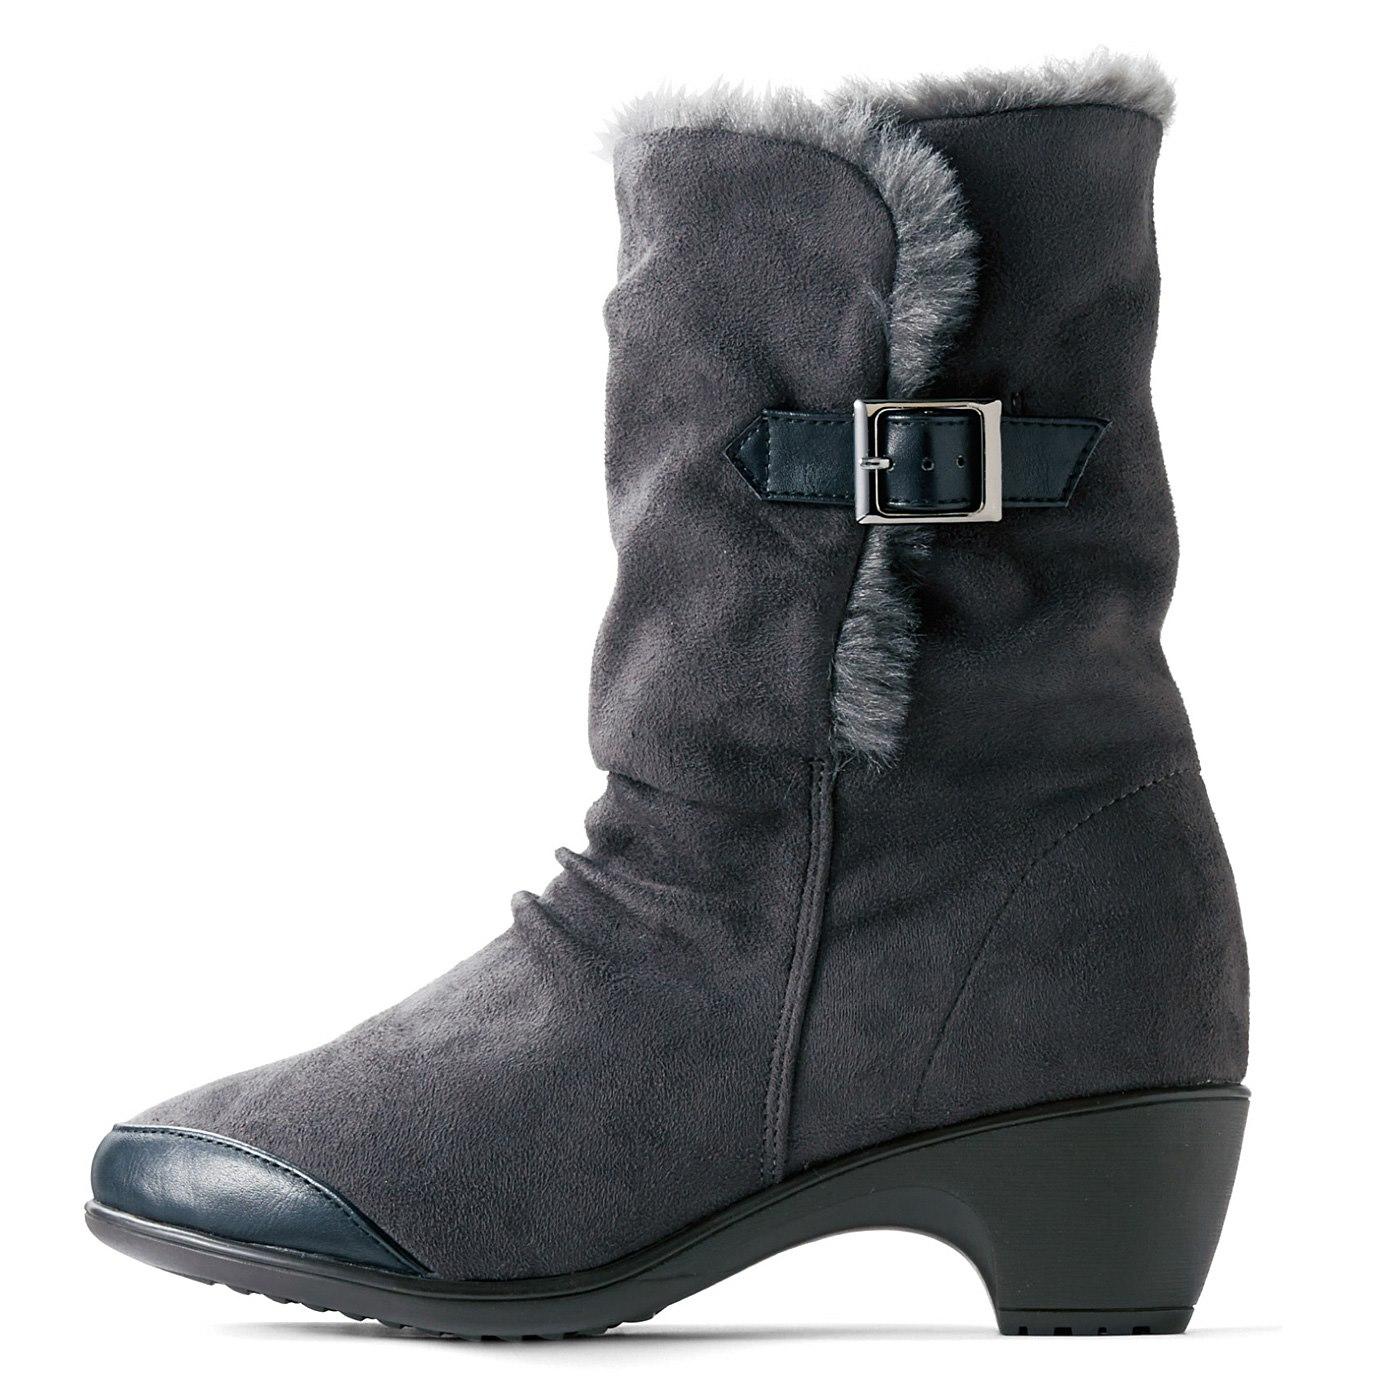 【スタイルよく、脚長効果も】ほどよい約5cmヒールですらりとスタイルアップ。